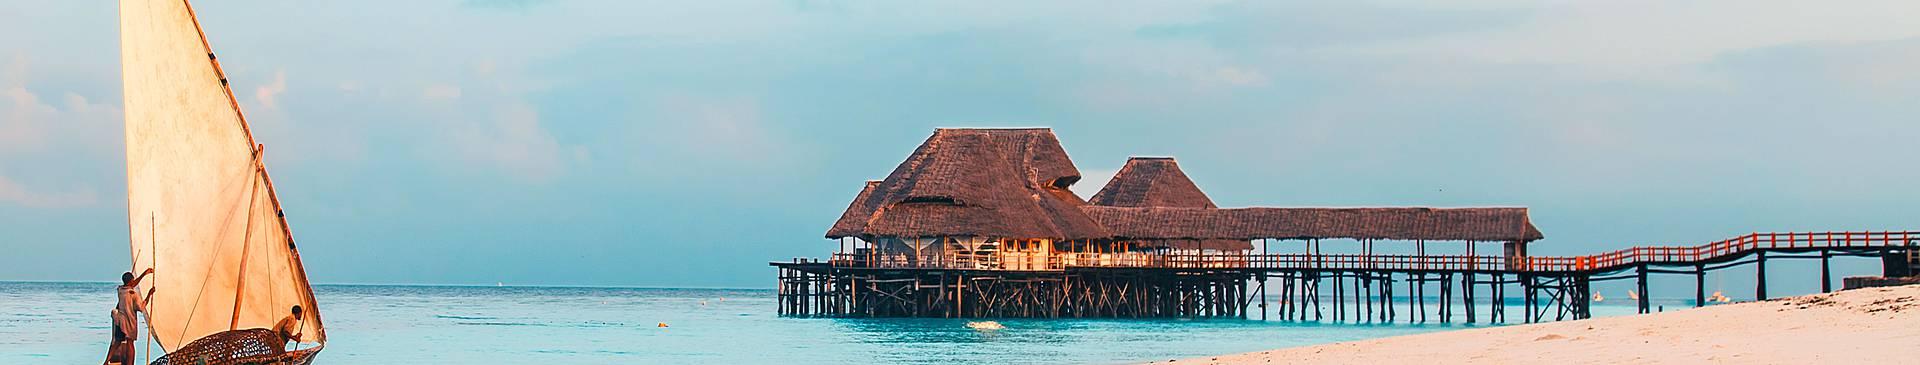 Voyage plage en Tanzanie